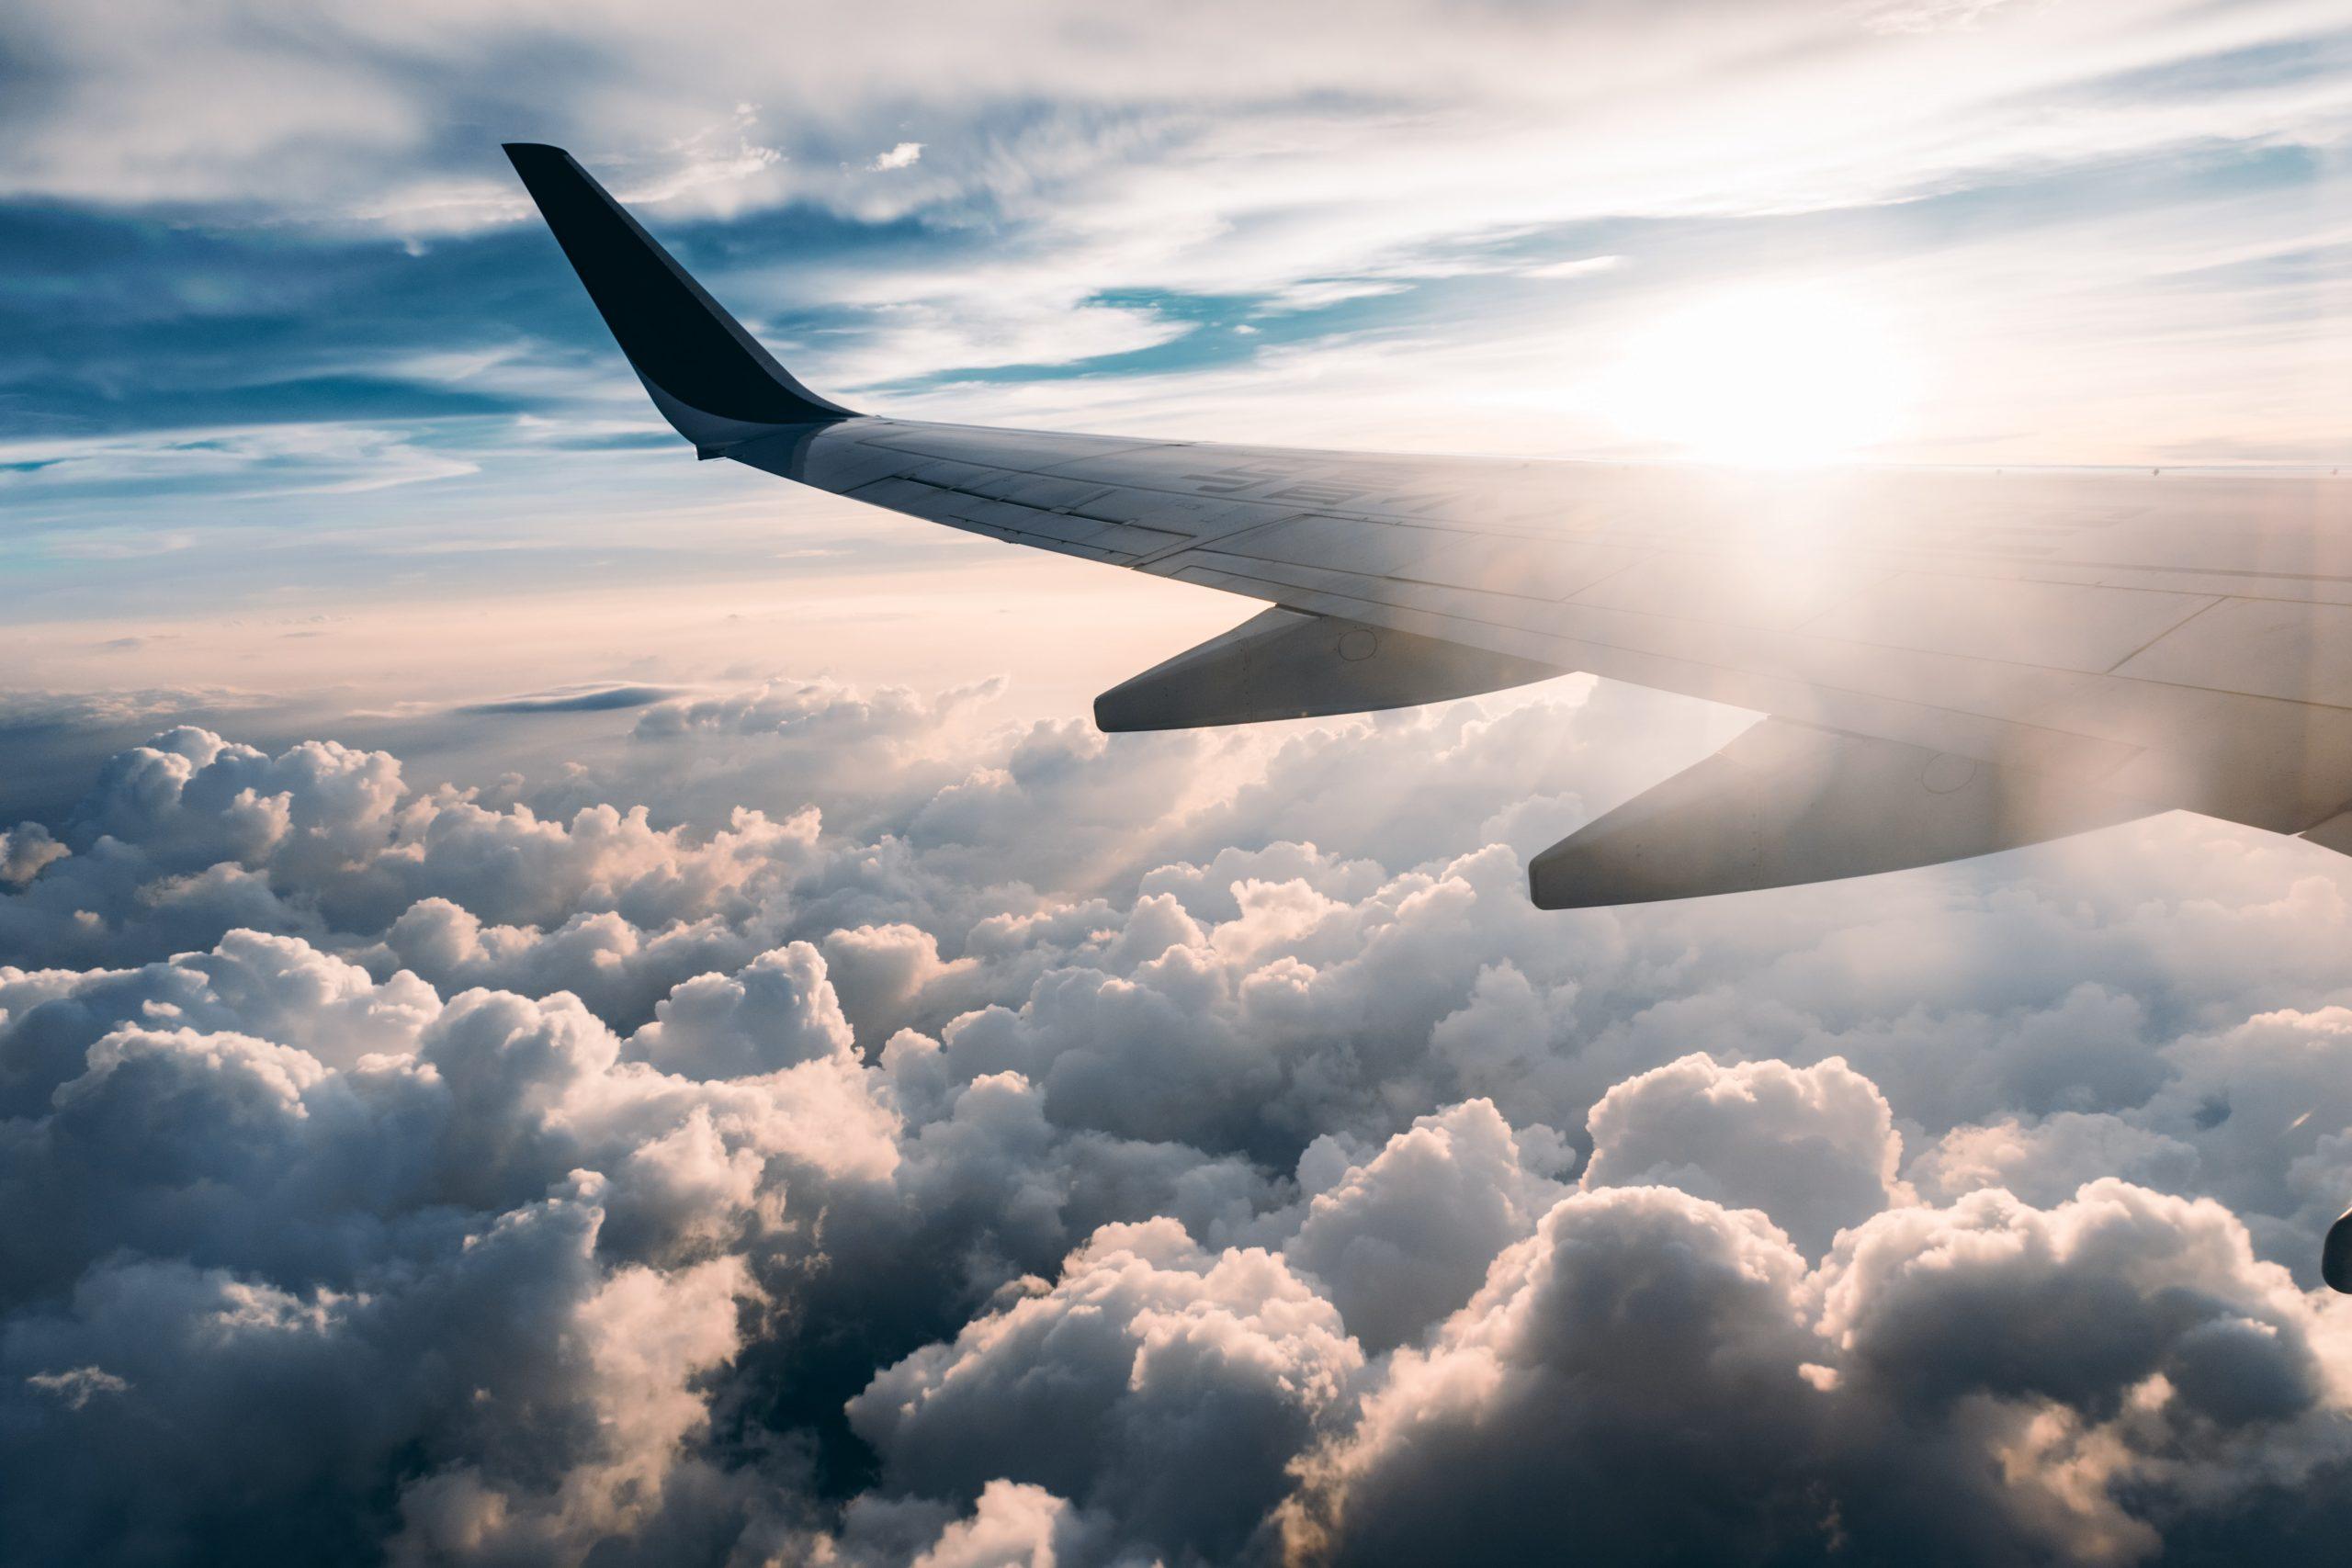 「【グローバル株】ANAやJAL株は買い時?航空業界はどうなる?」のアイキャッチ画像